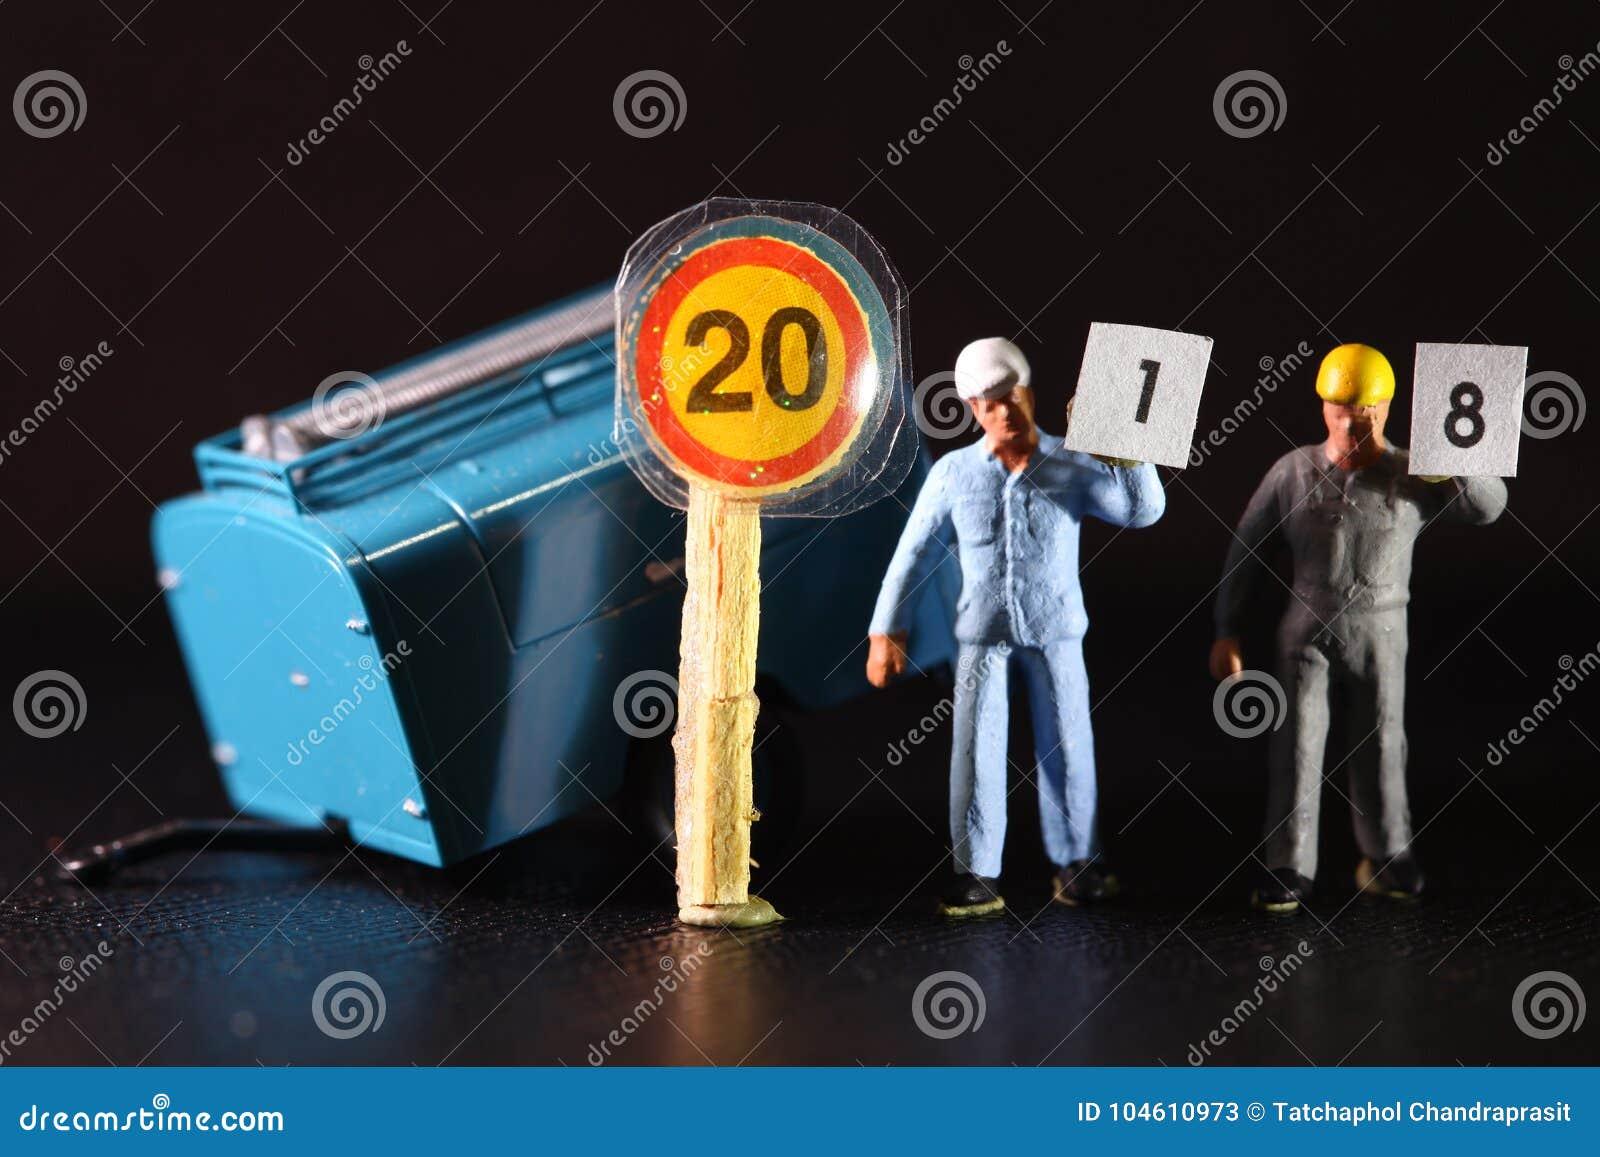 Bauarbeiterzahl Tragen Papier Stockbild Bild Von Hand Auszug